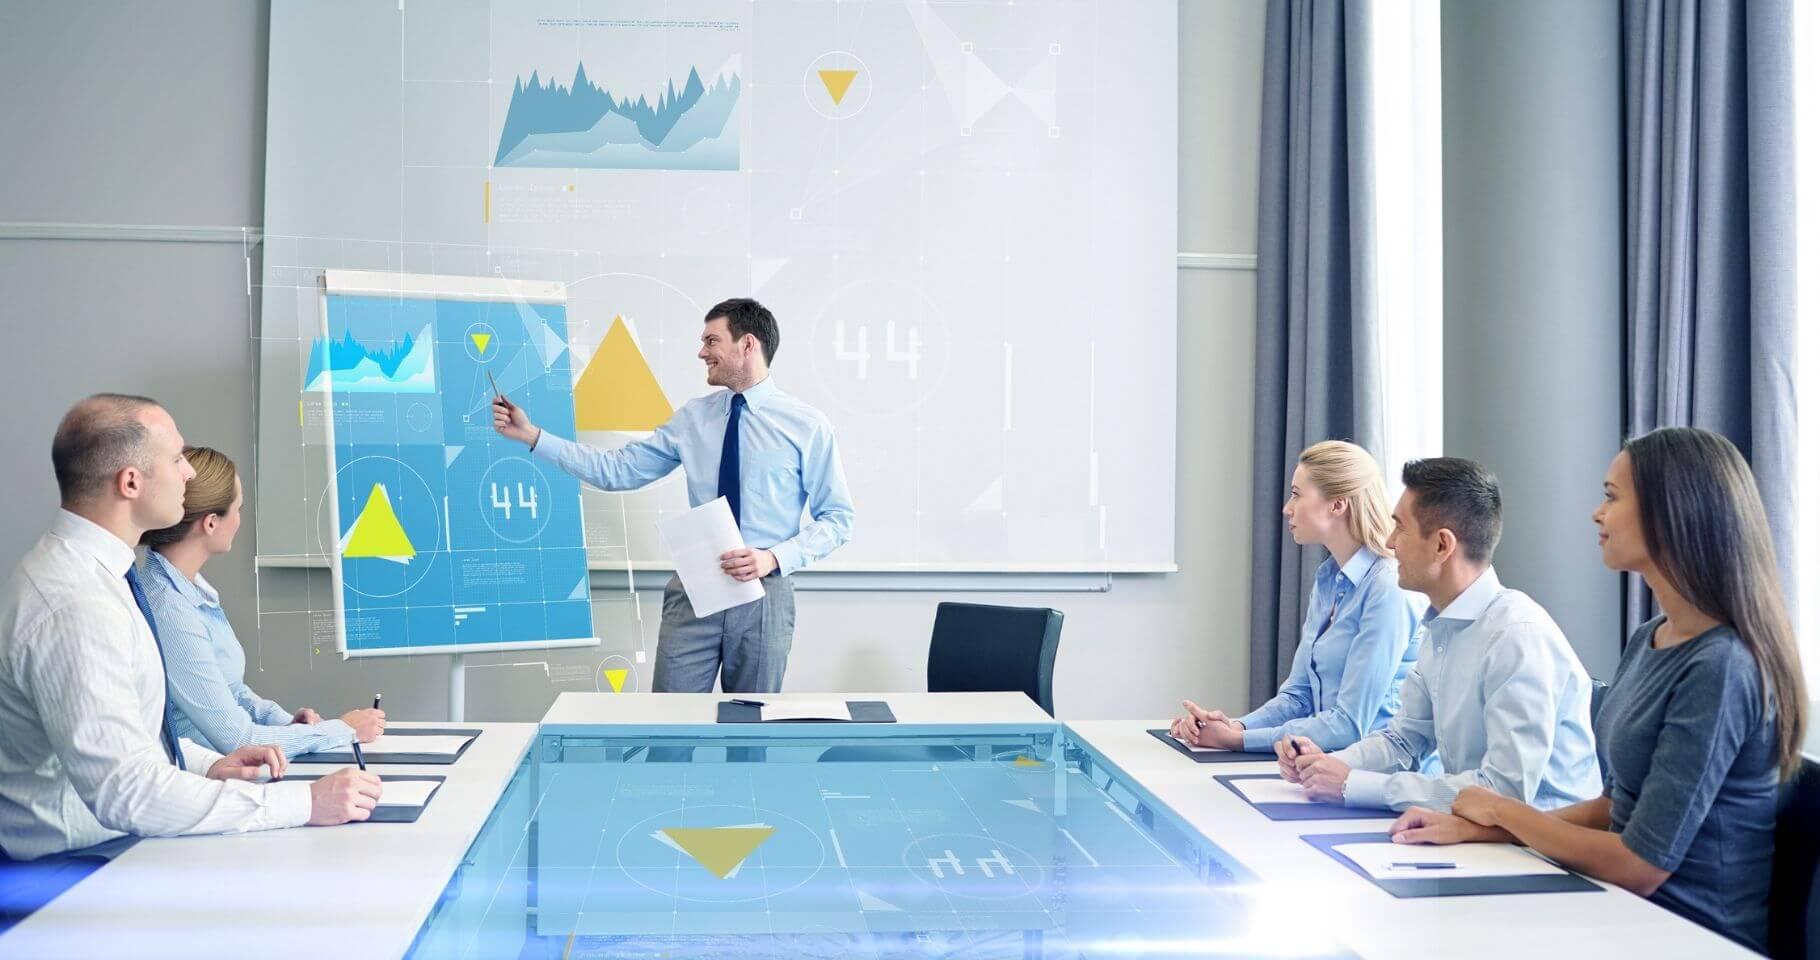 Las carreras con mayor empleabilidad y remuneración de los próximos años